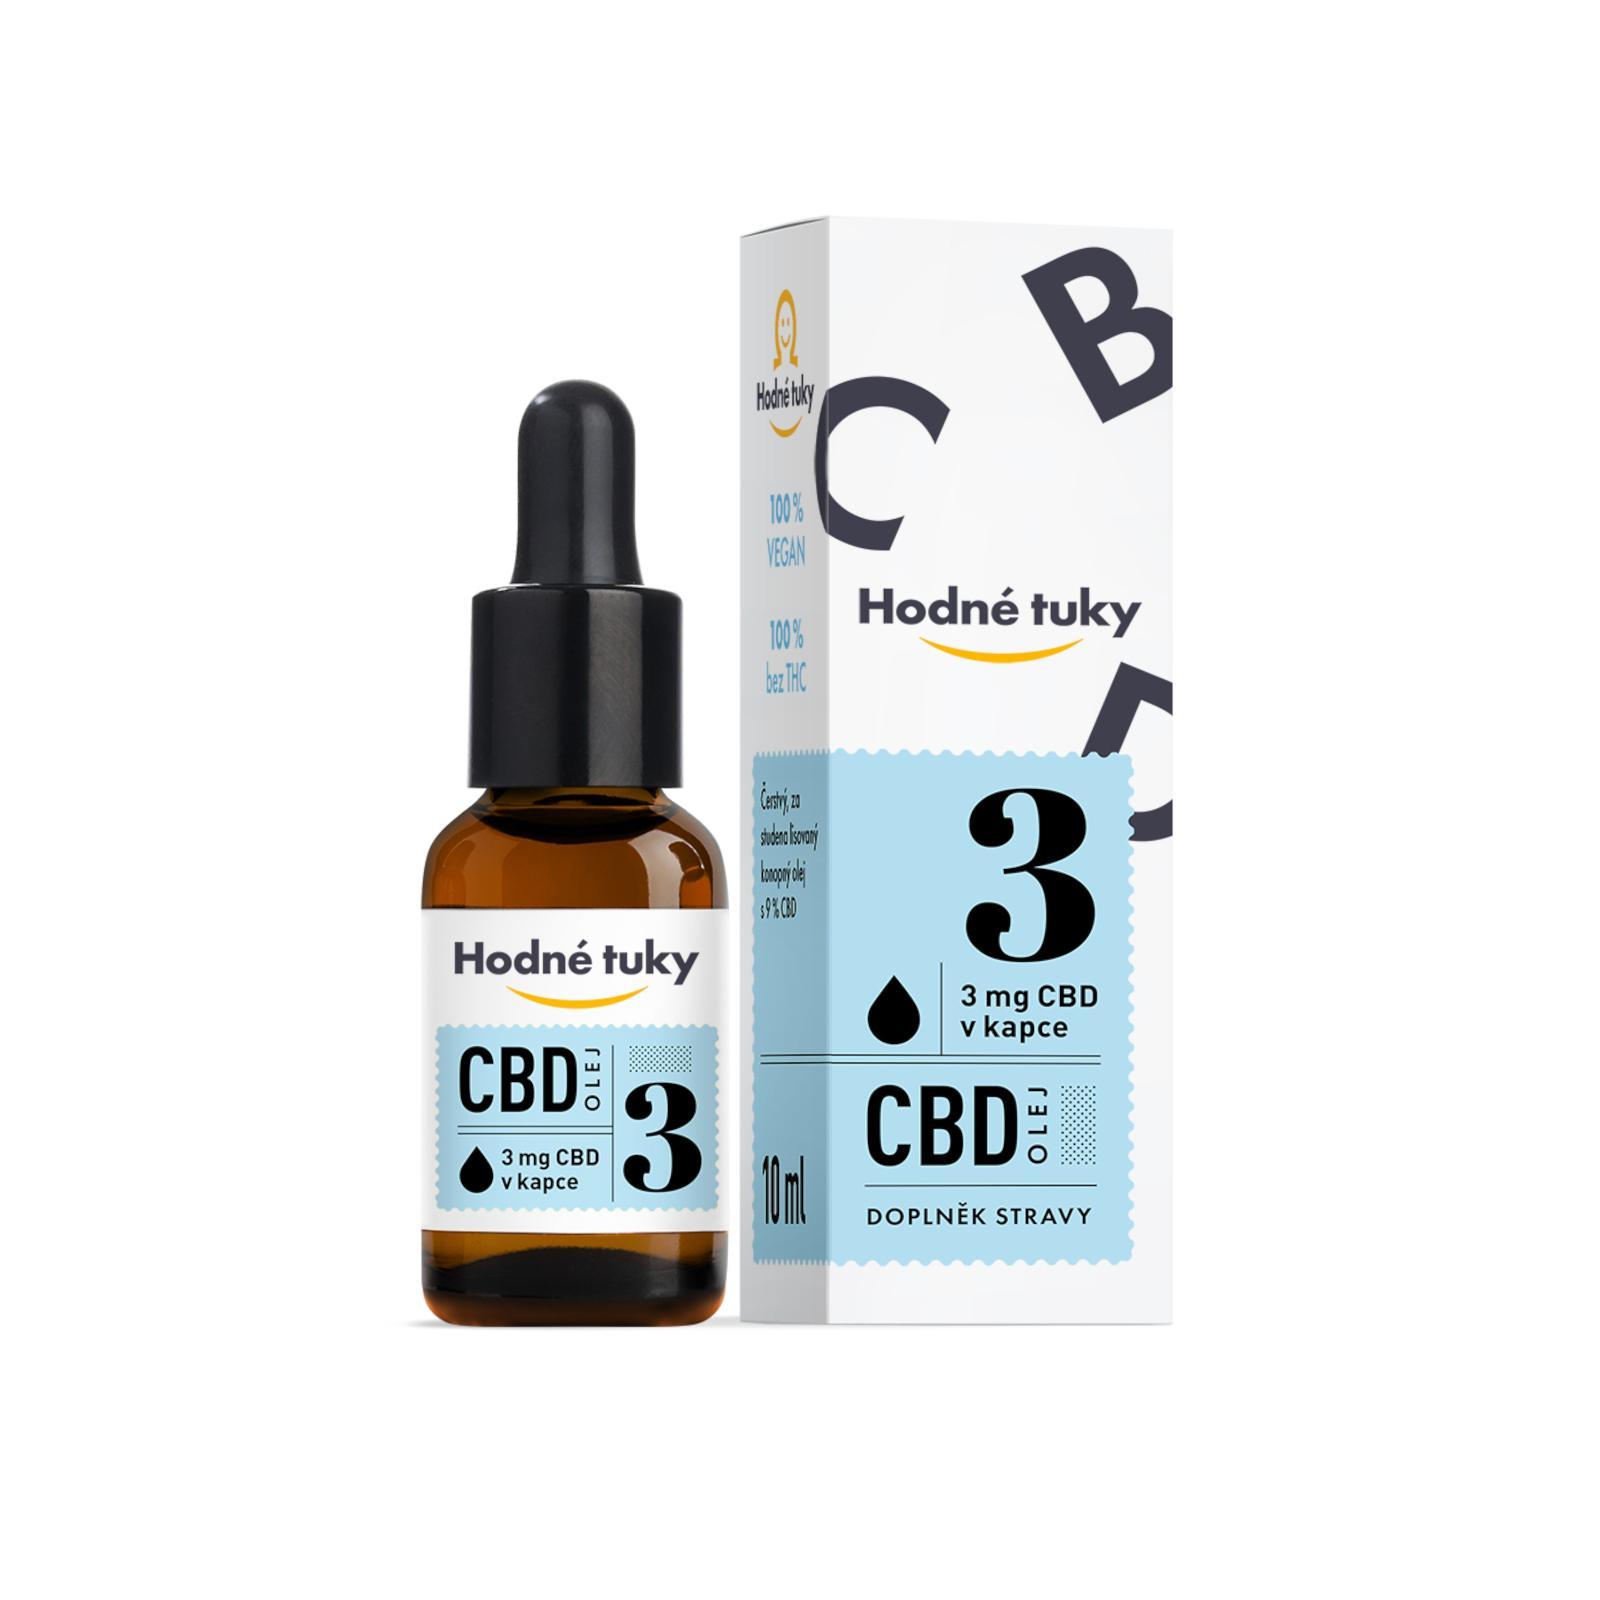 Hodné tuky CBD olej 9% 10 ml